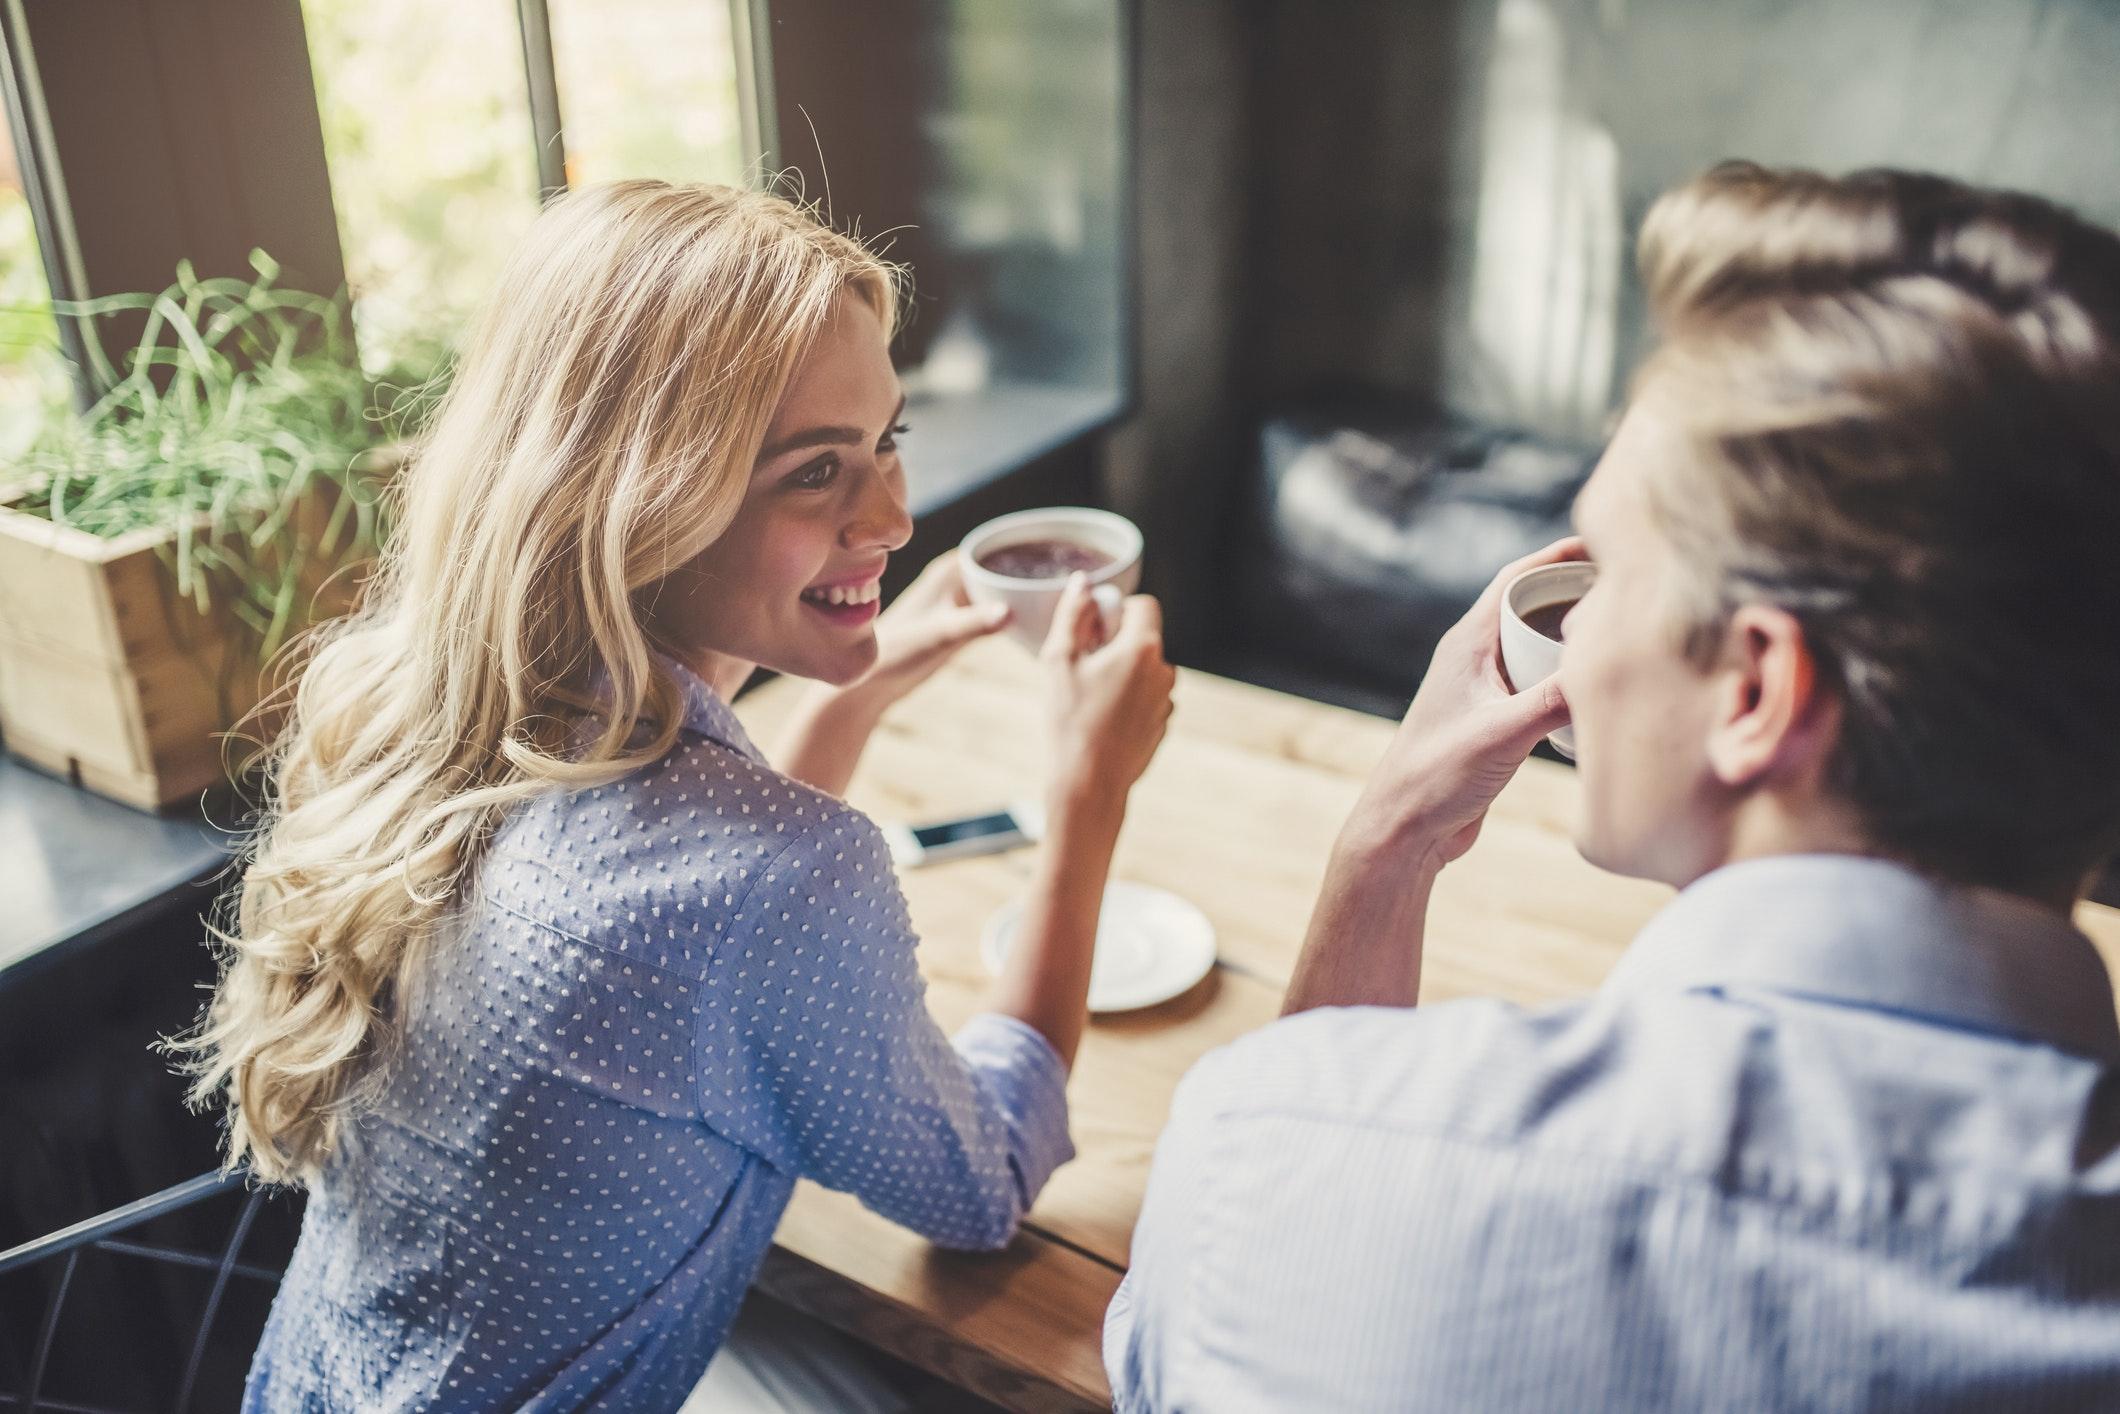 randers de bedste sex dating gratis